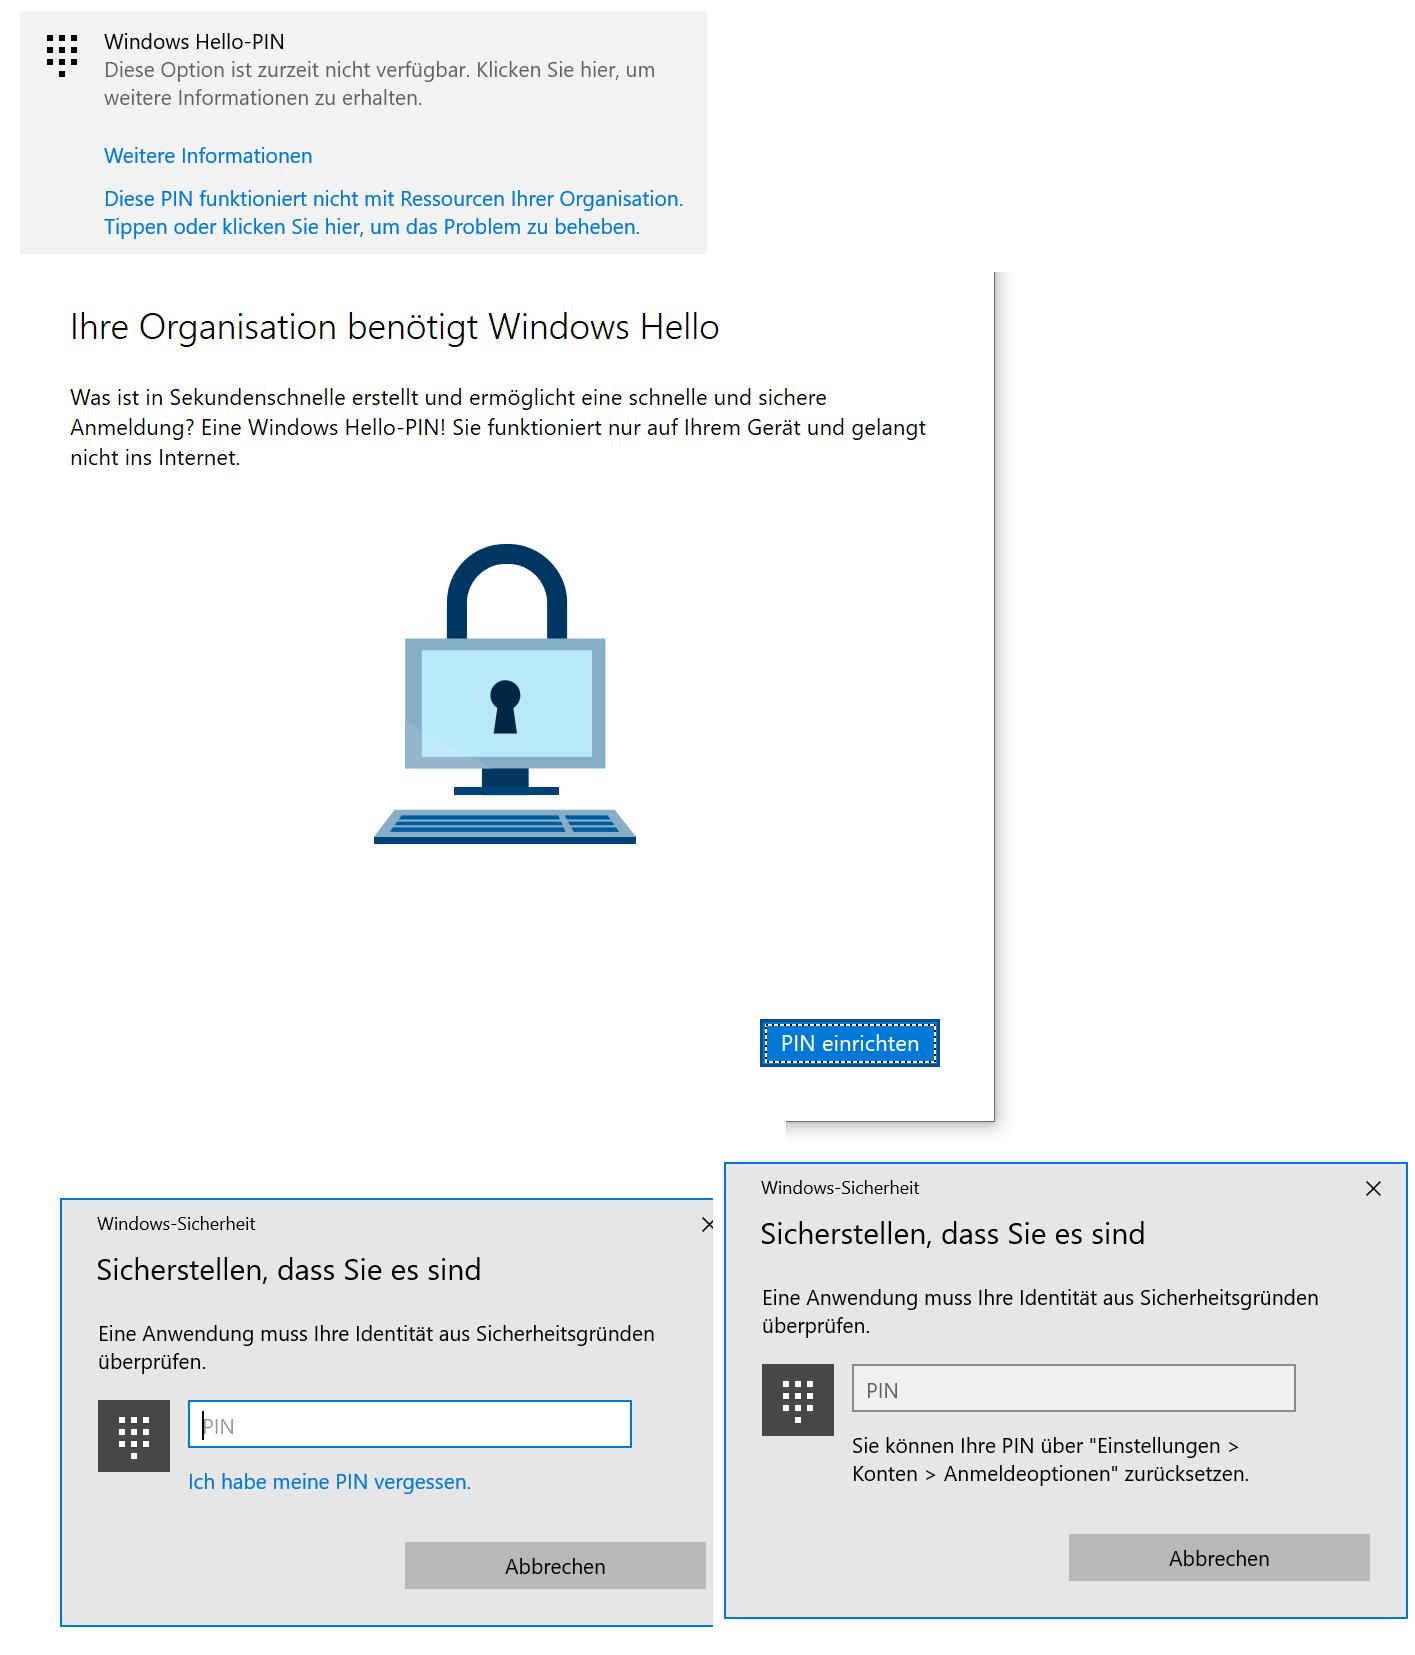 Windows Hello PIN lässt sich nicht ändern/löschen